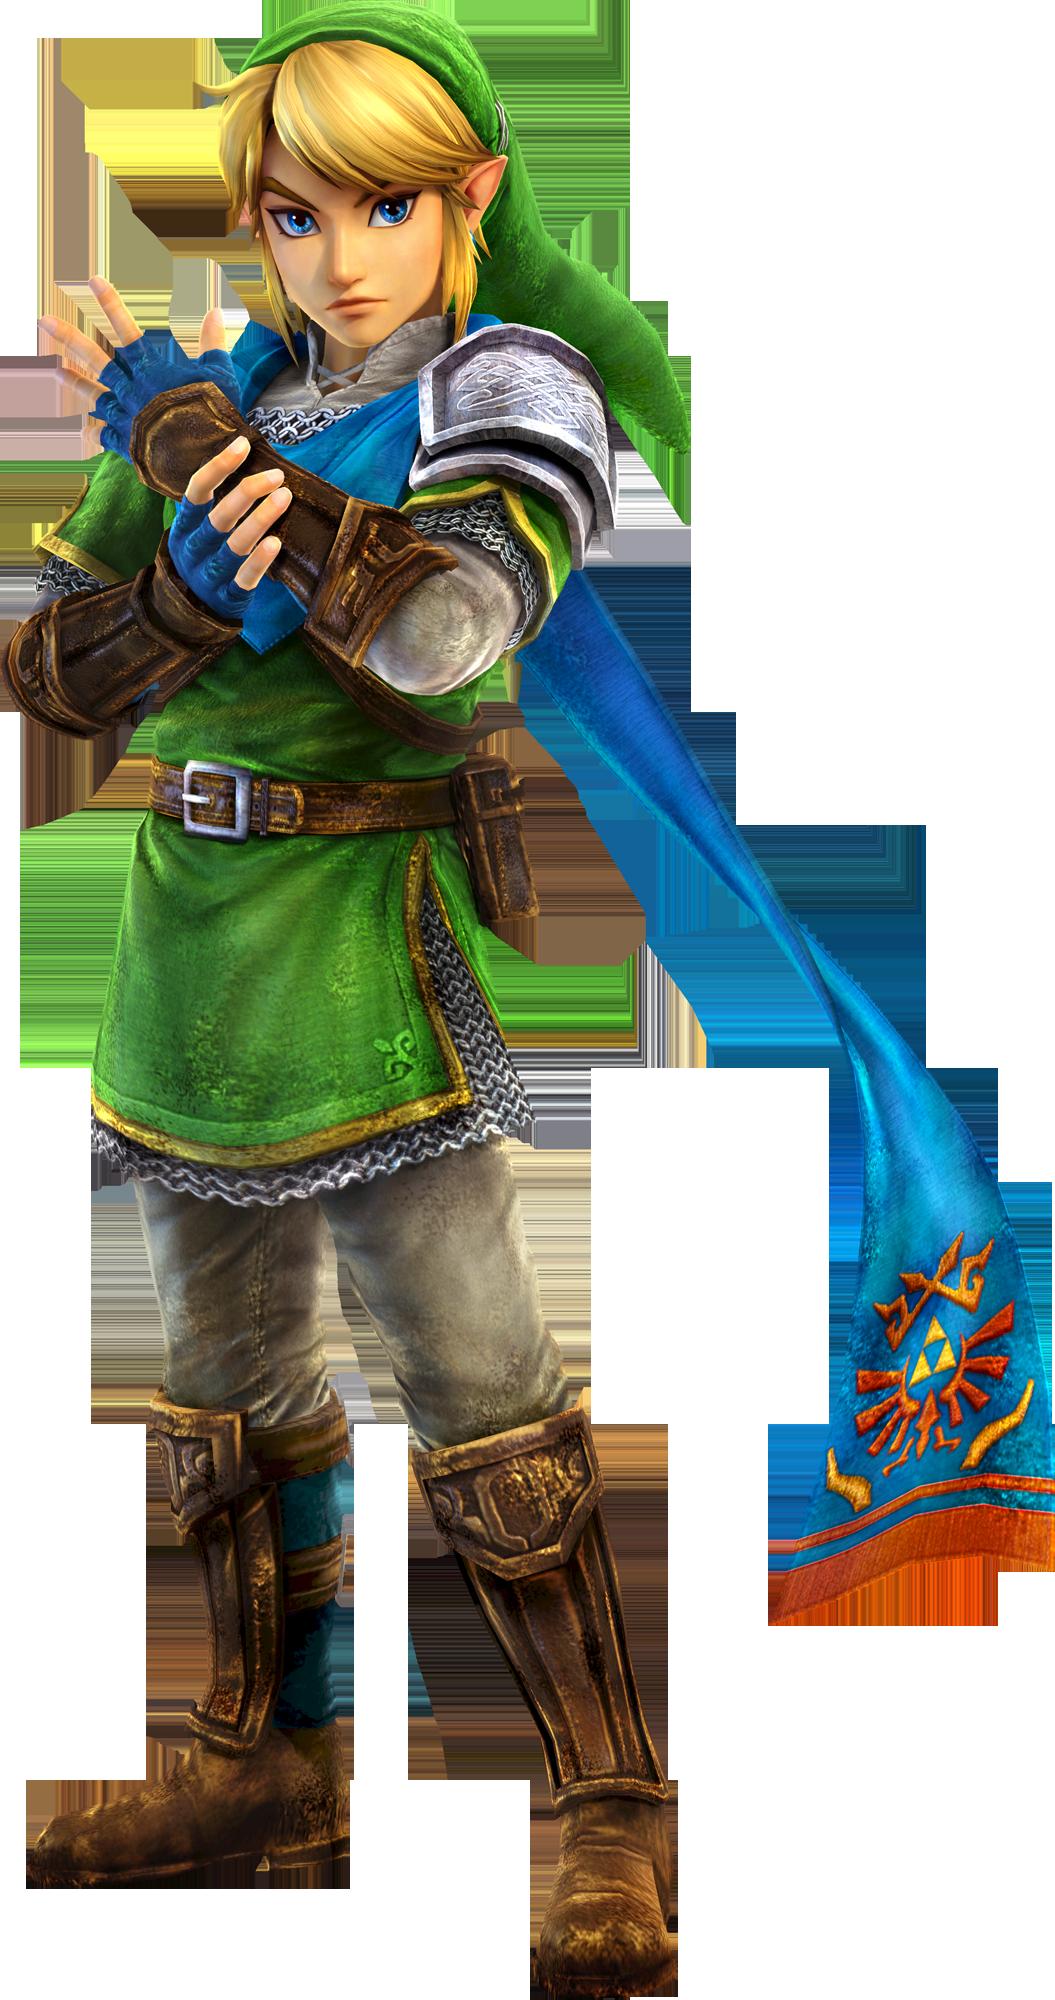 Breath Of The Wild Dark Link >> Link/Hyrule Warriors | Zeldapedia | FANDOM powered by Wikia